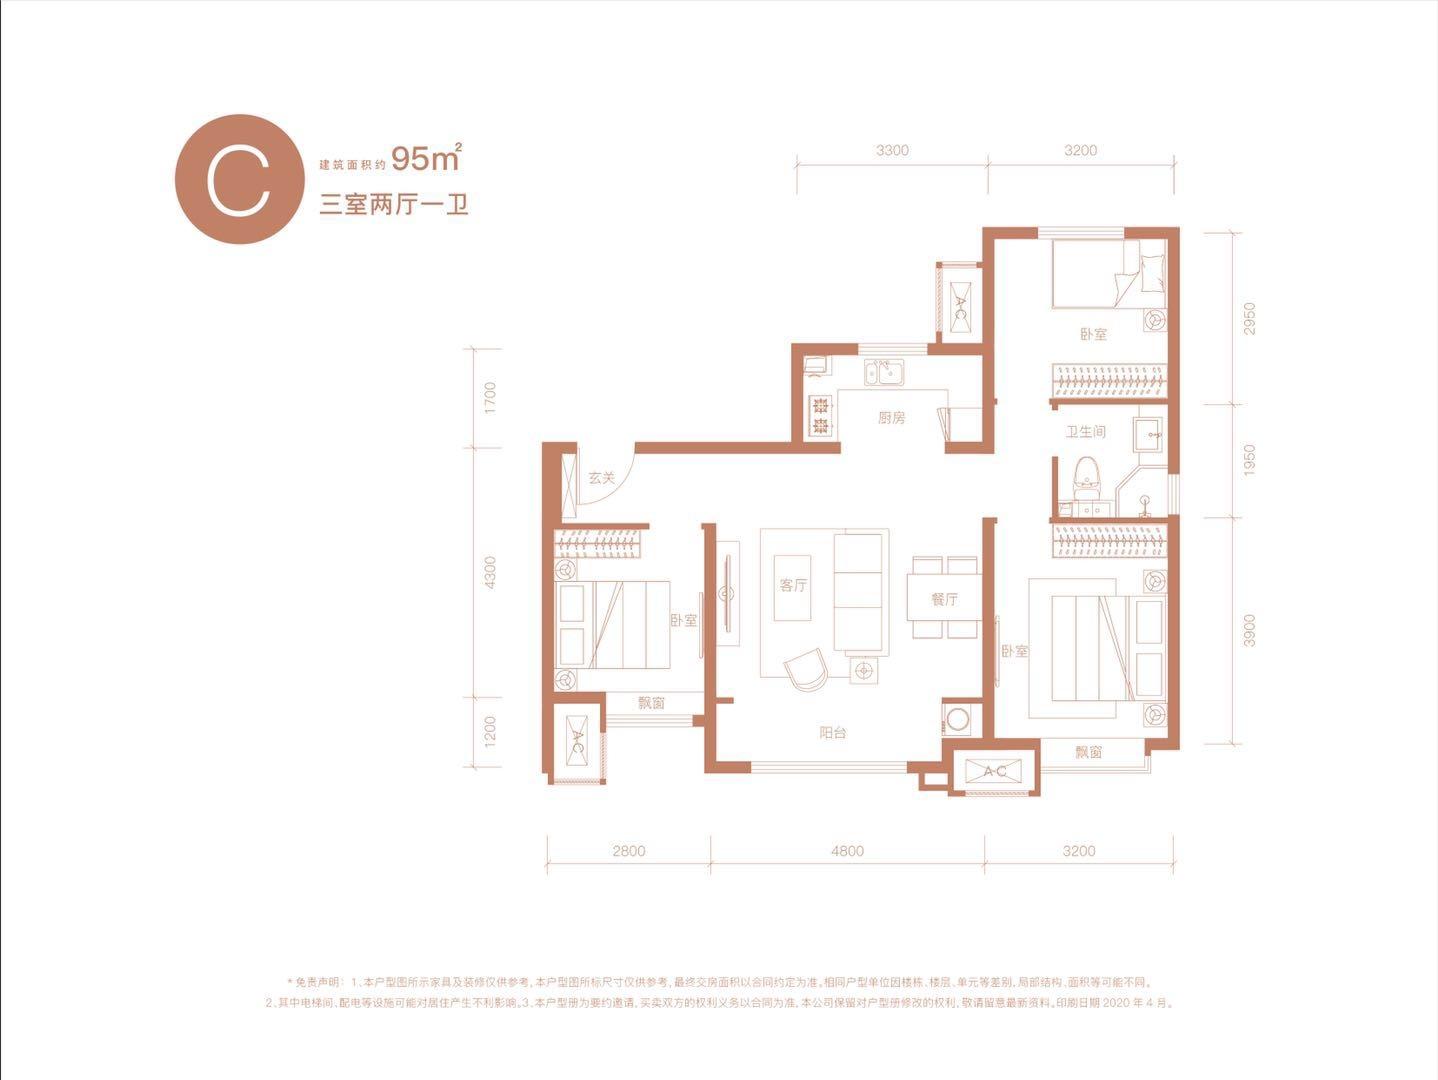 高层C户型95平米三室两厅一卫